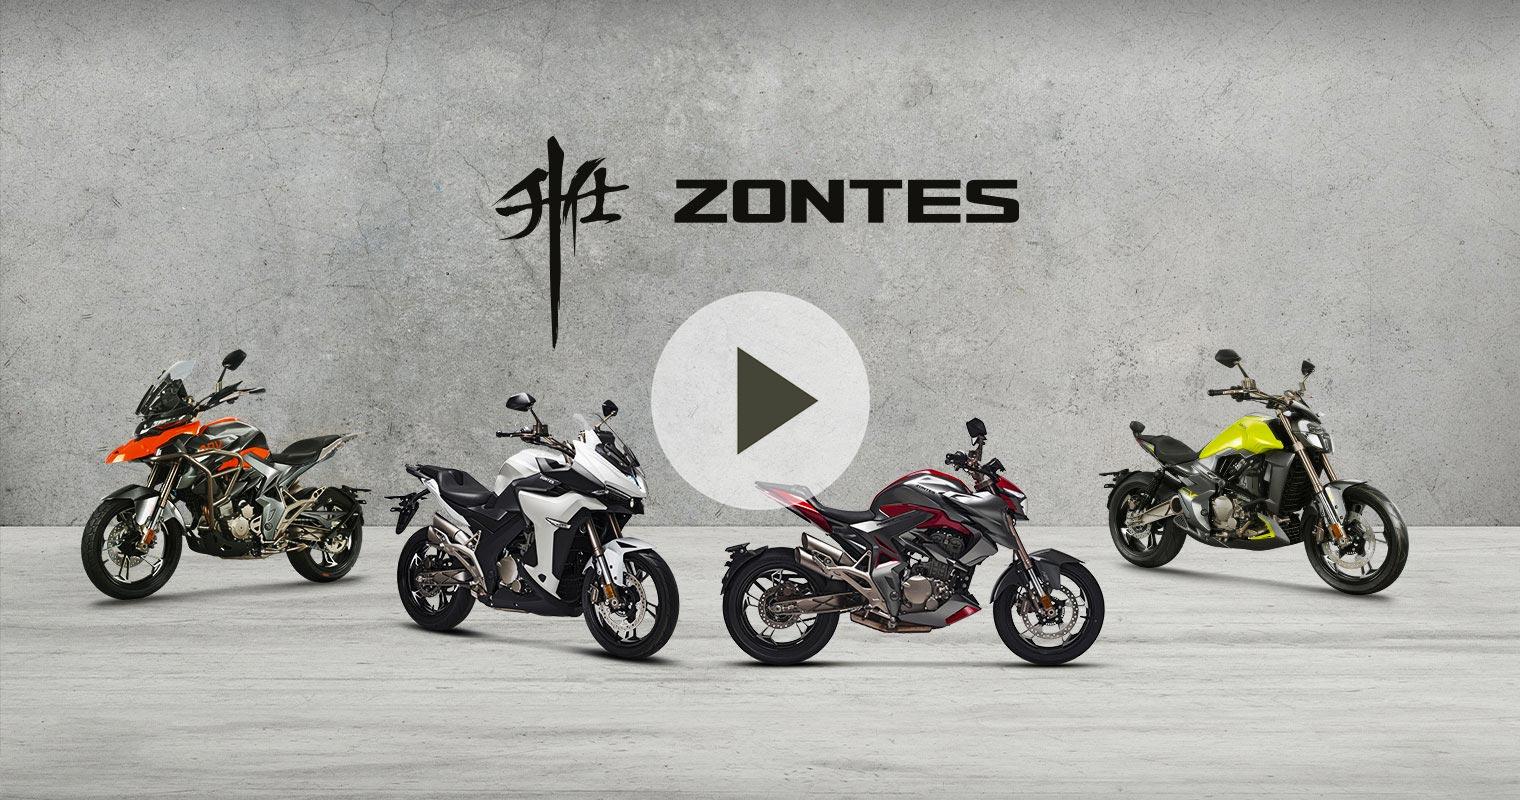 Recensione Zontes su Moto.it